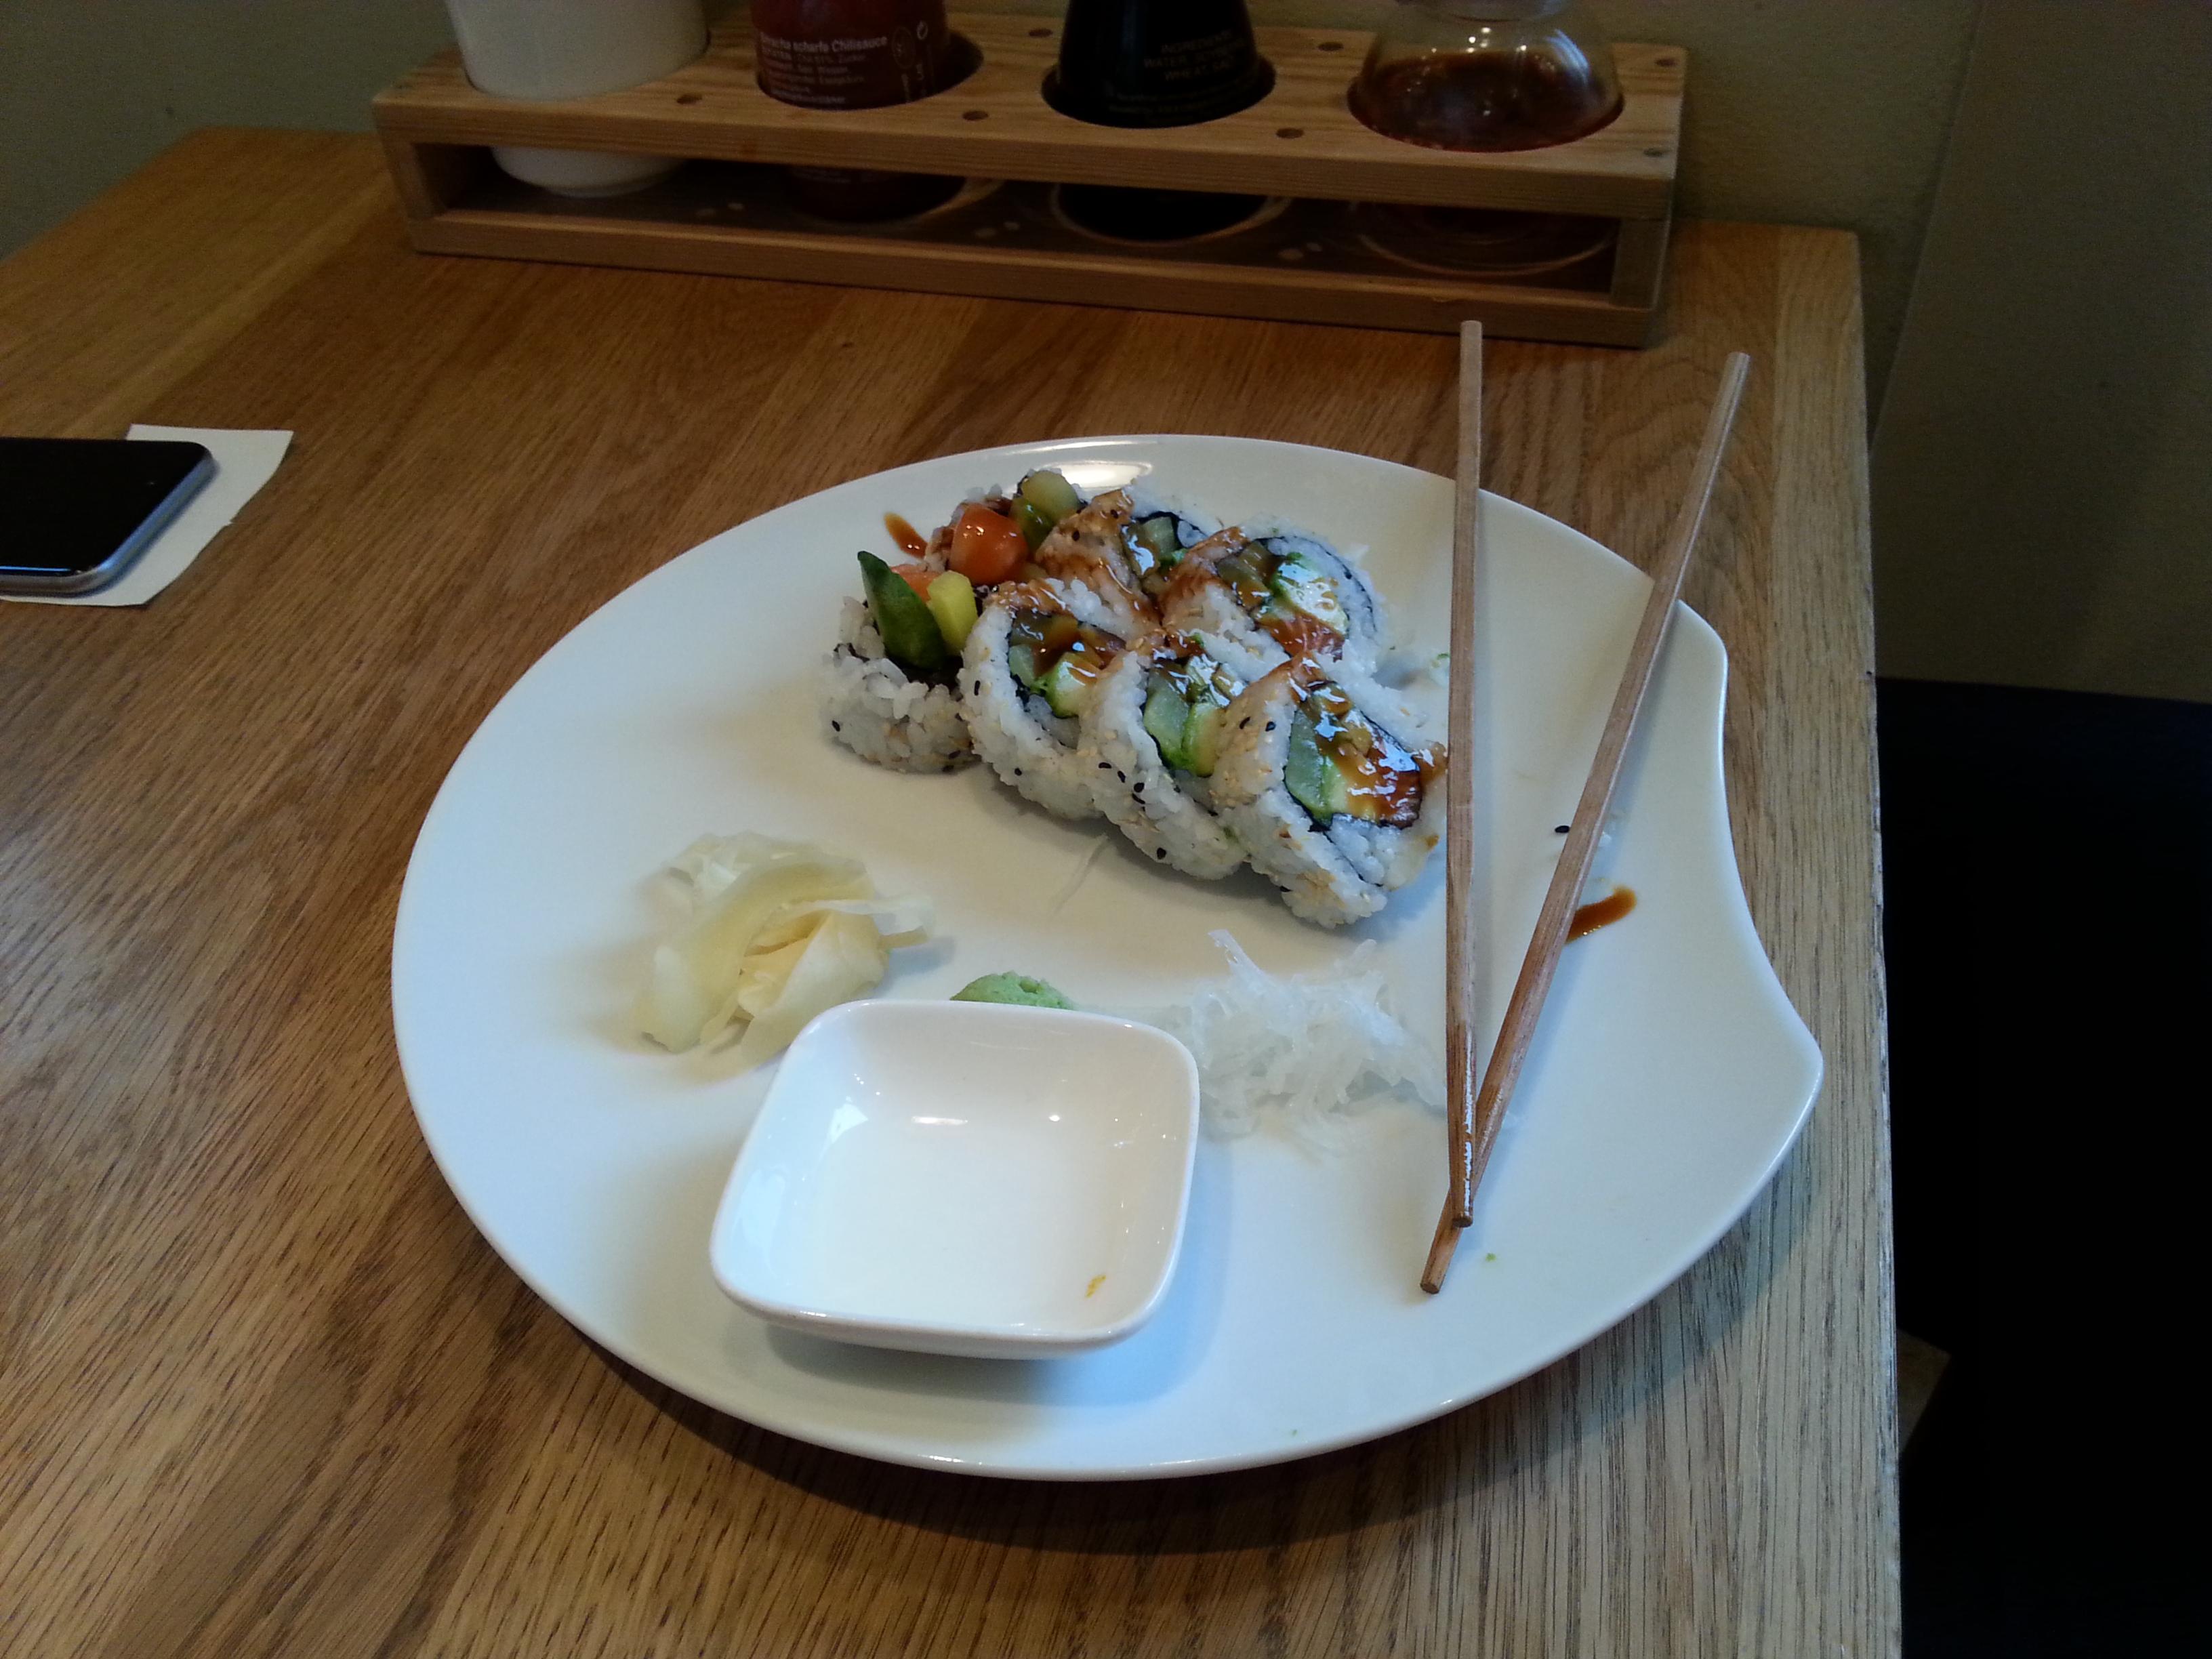 2015-08-18 12.31.11-sushi